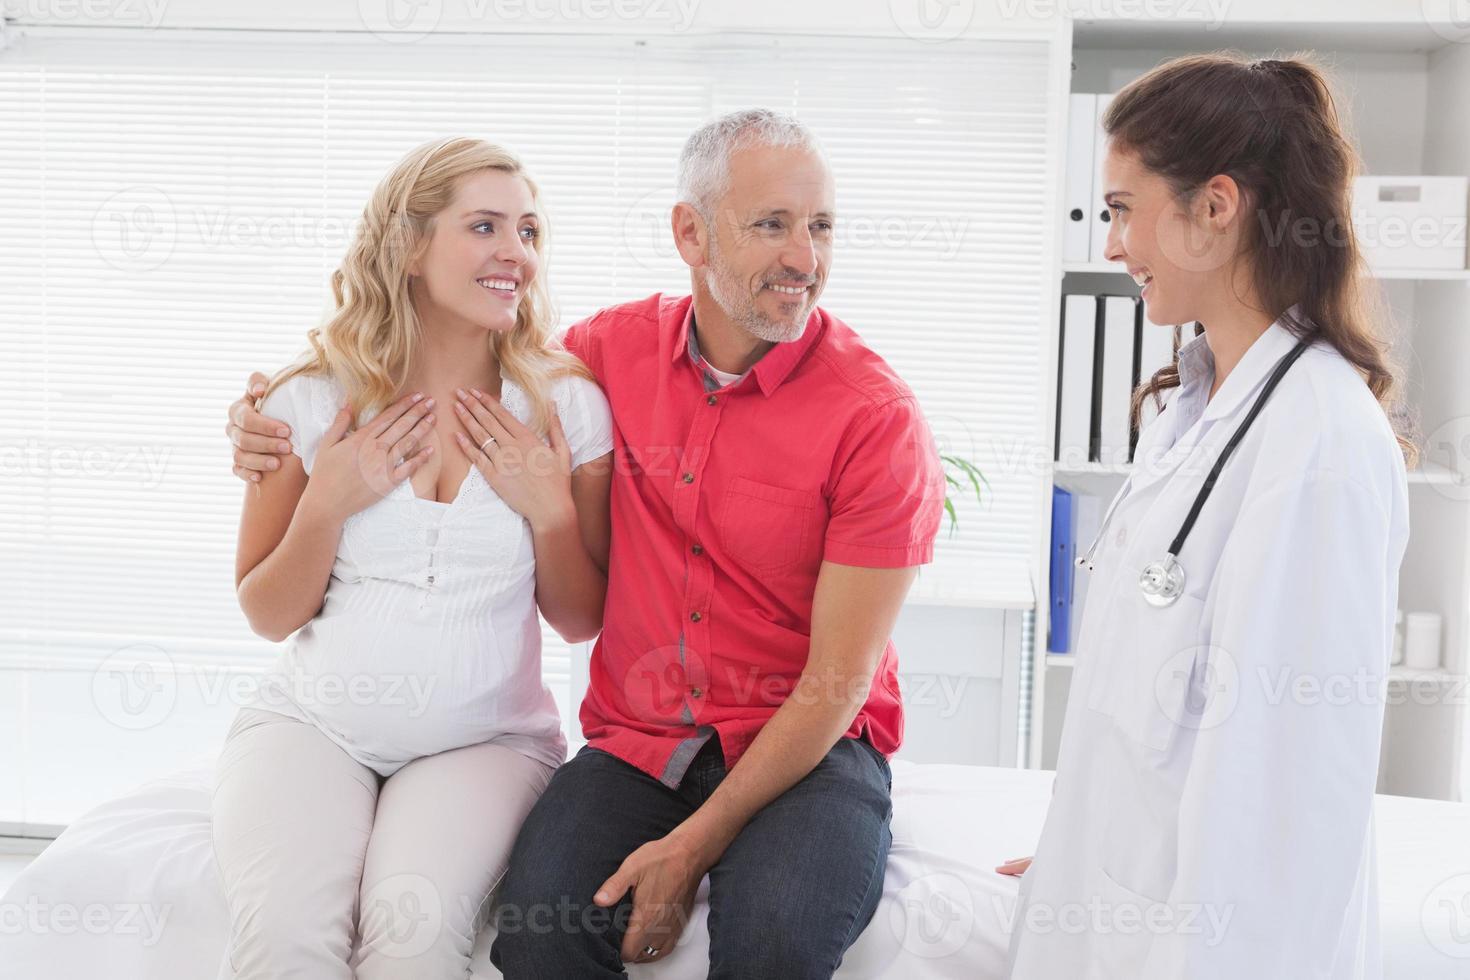 paciente sorridente, consultando um médico foto